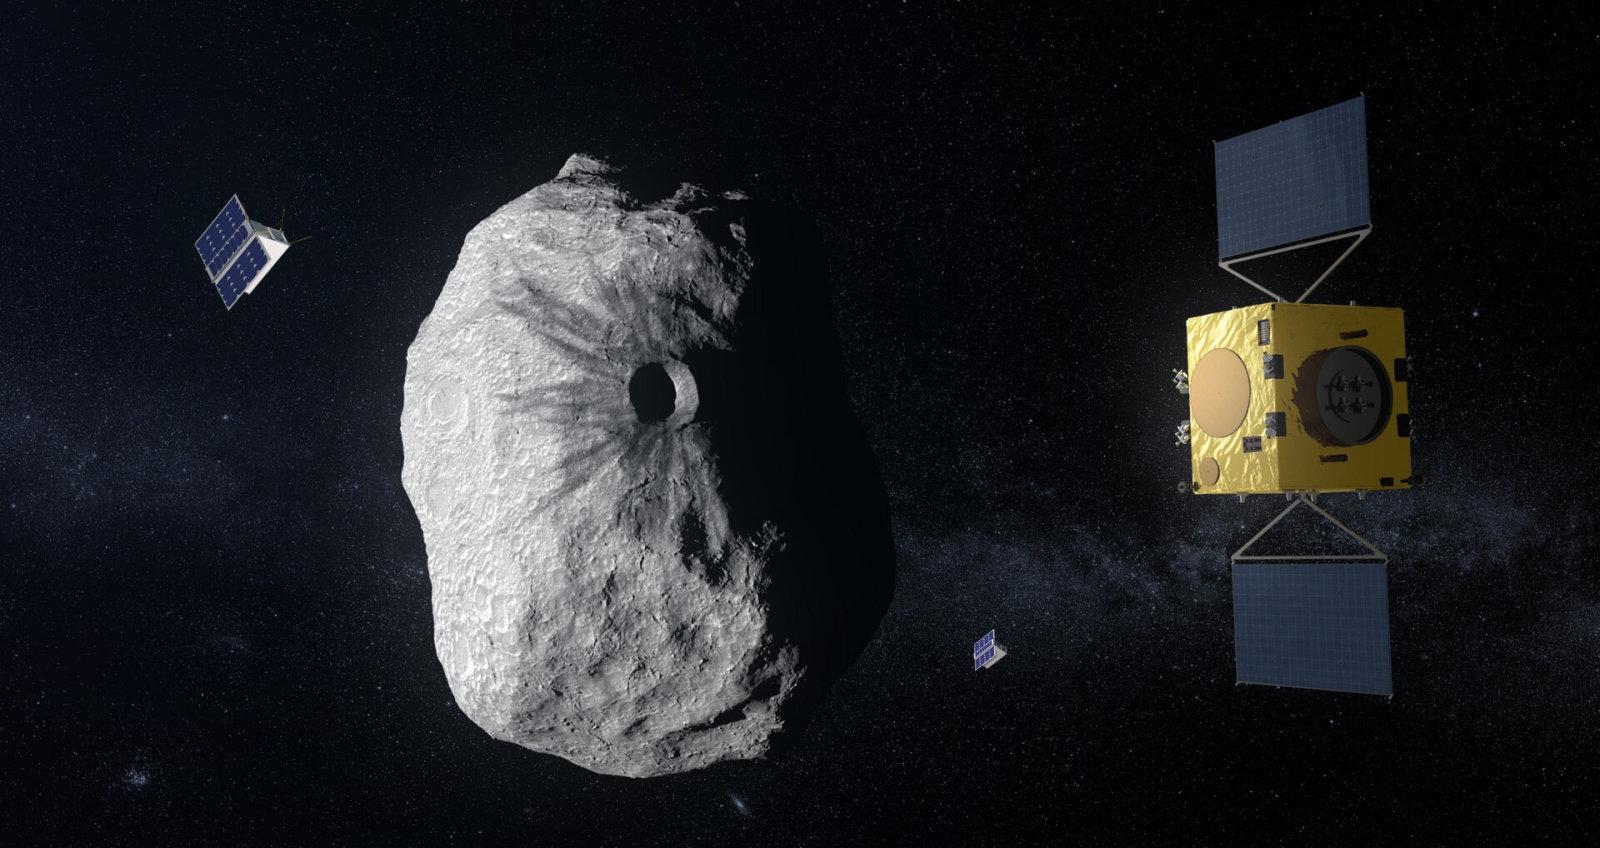 Европейское космическое агентство одобрило миссию Hera по предотвращению столкновения Земли с астероидами